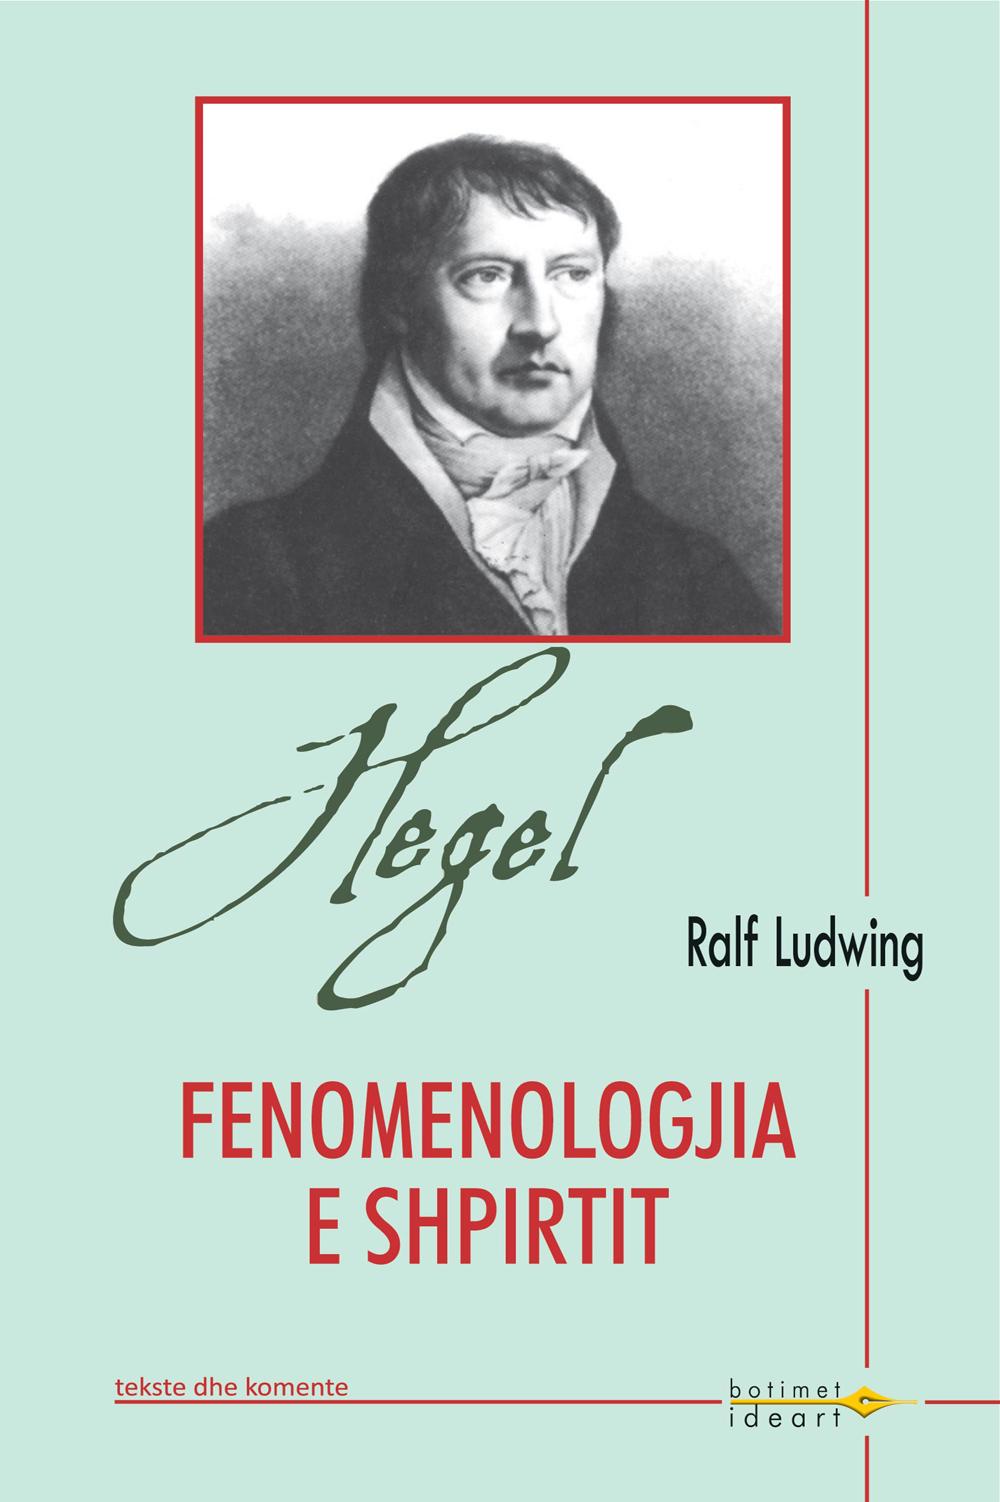 Hegel - fenomenologjia e shpirtit